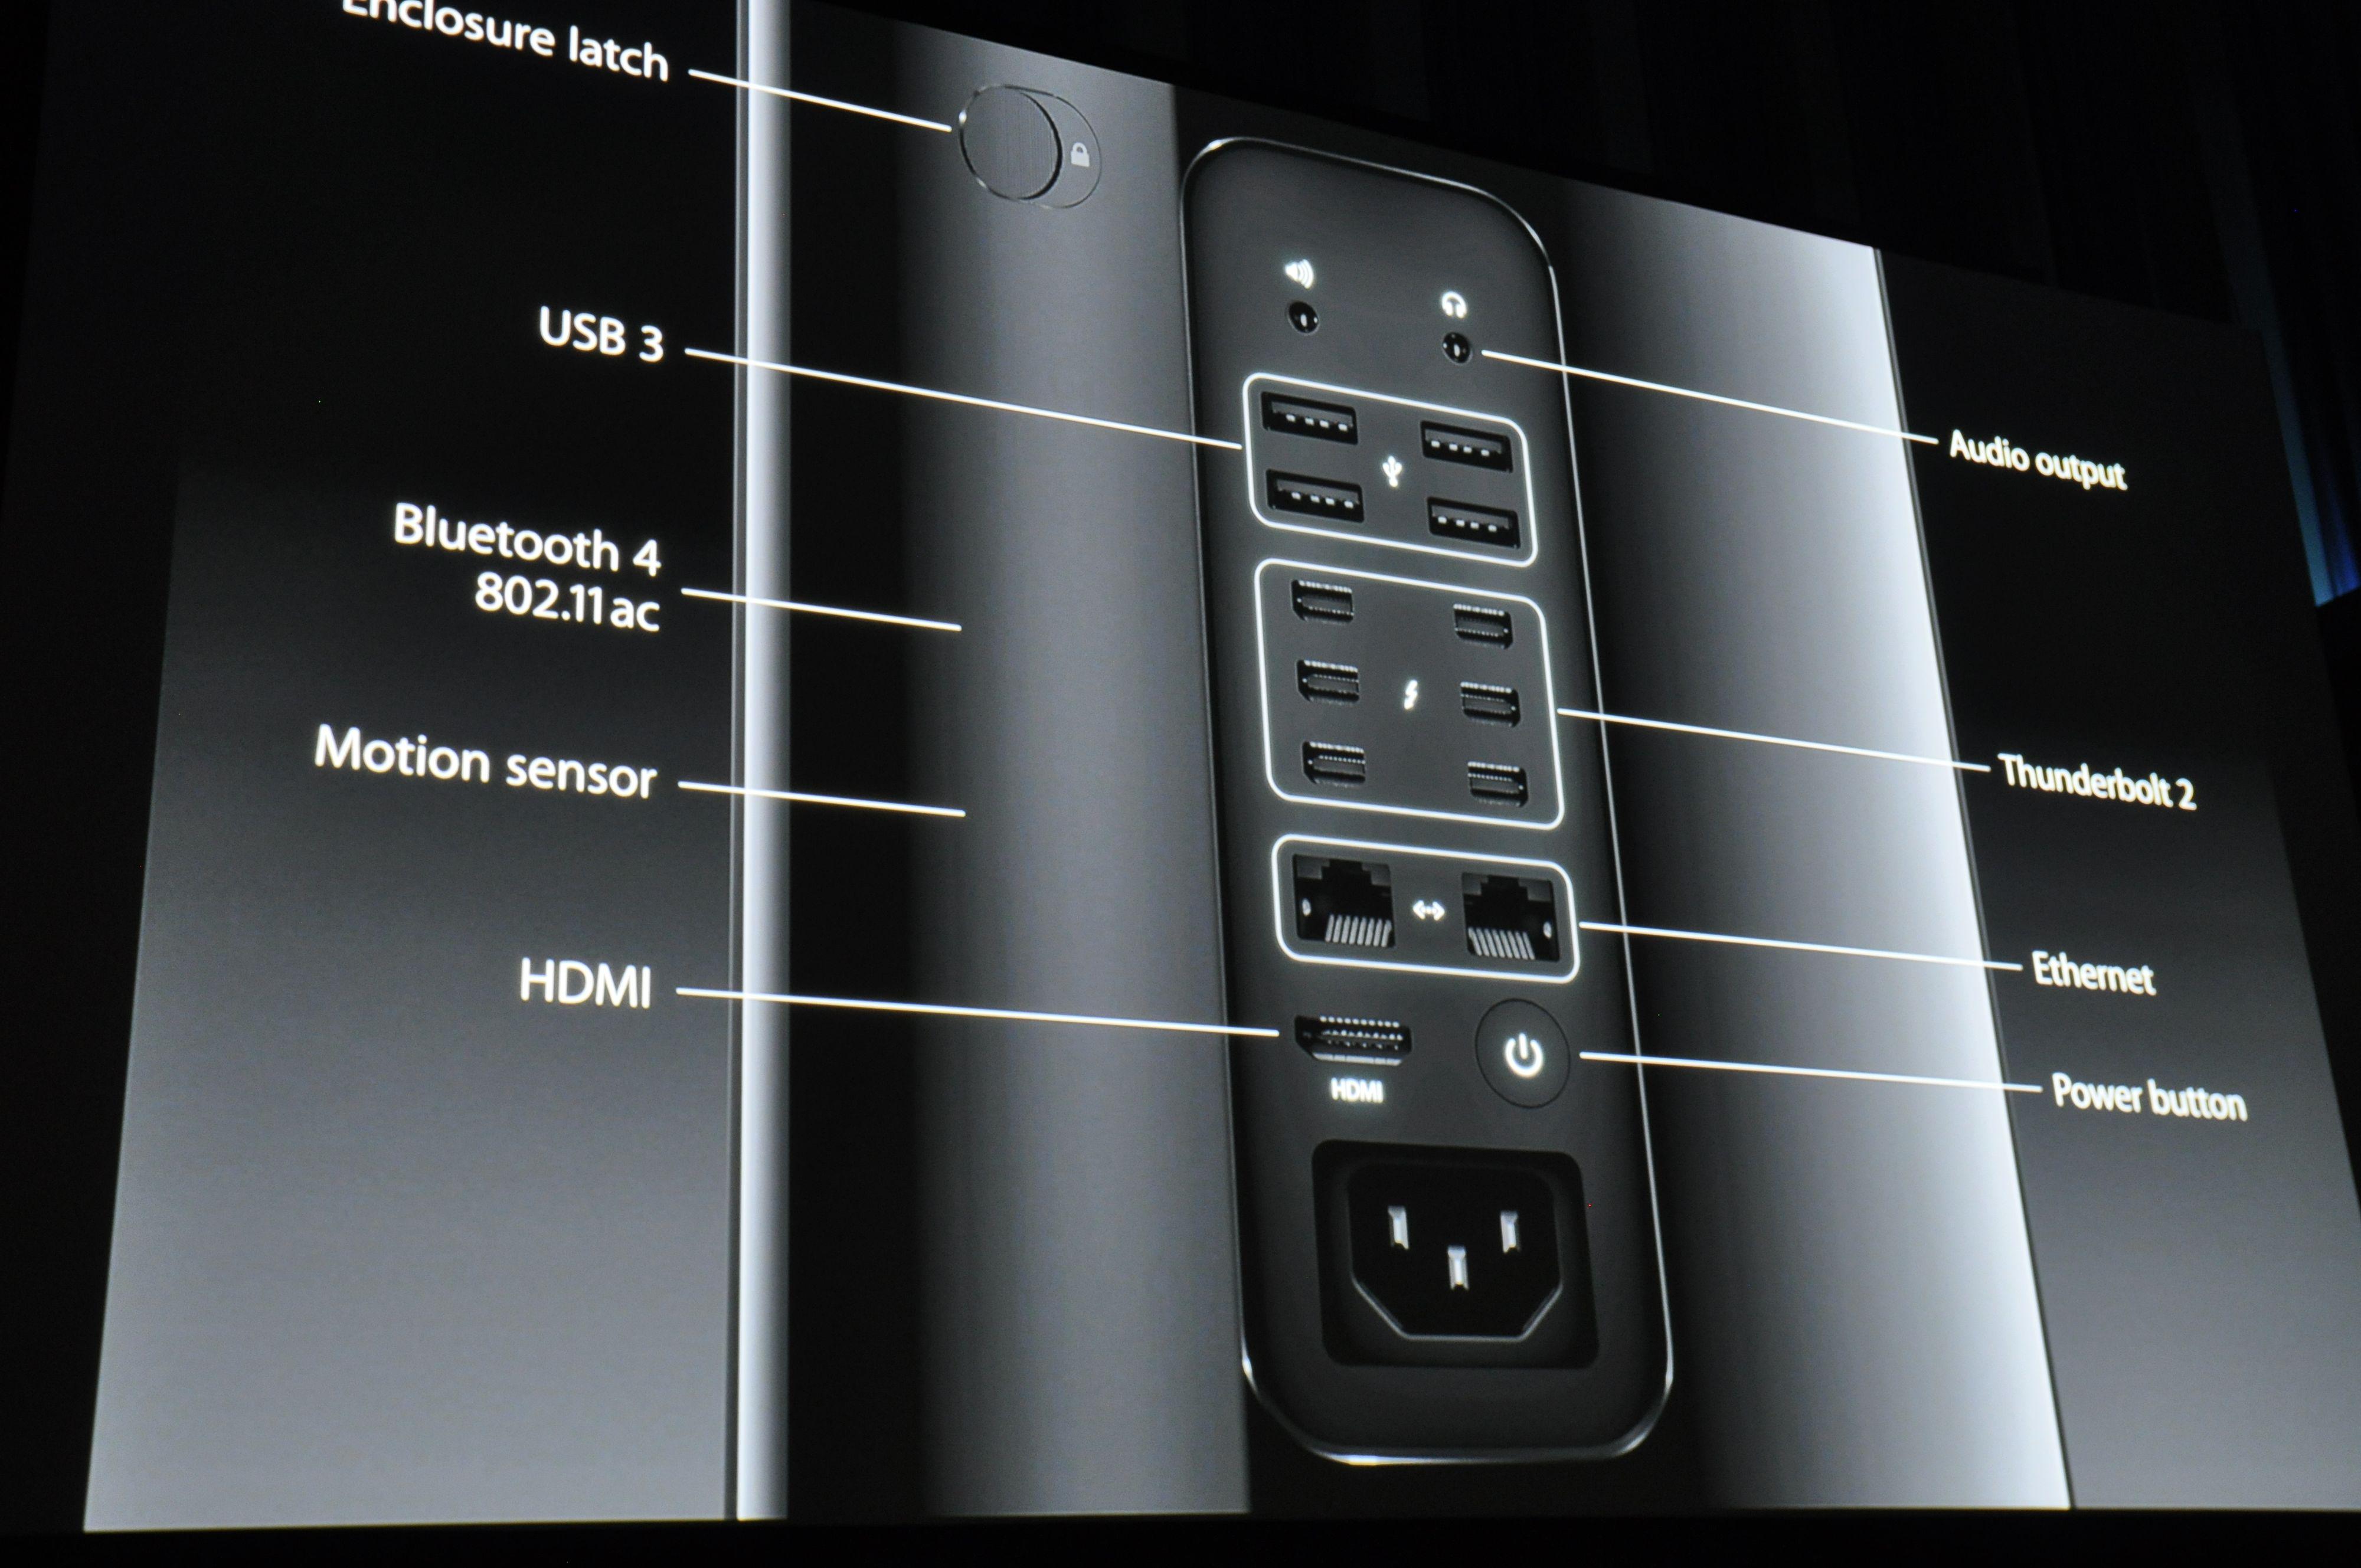 Portene på Mac Pro lyser opp når du flytter på den, slik at det skal være lett å finne frem. Foto: Finn Jarle Kvalheim, Amobil.no